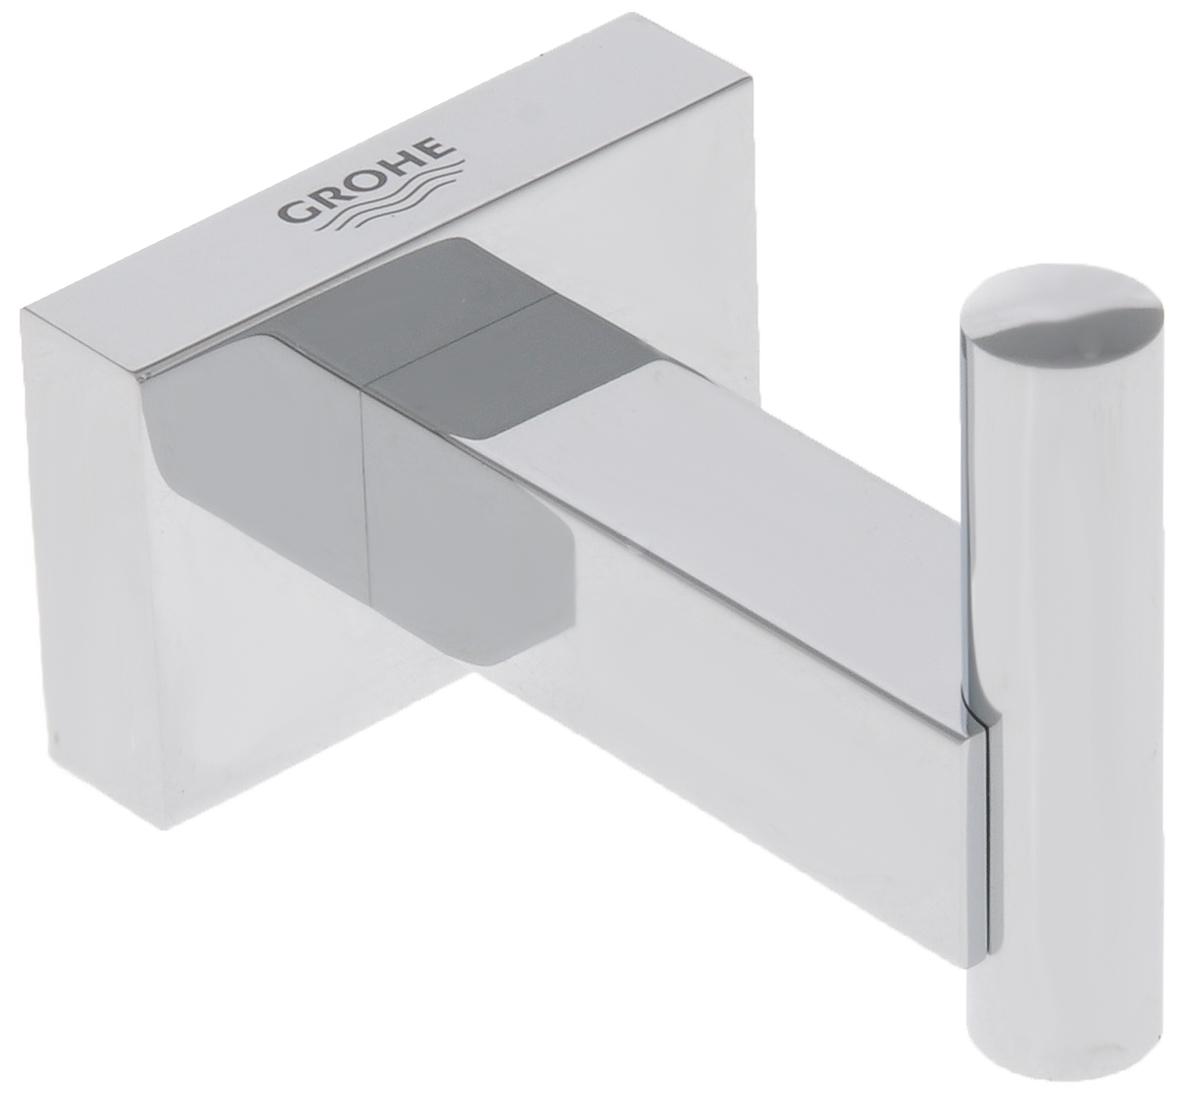 Крючок для банного халата Grohe Essentials Cube40511001С помощью прочного и стильного крючка Grohe Essentials Cube у вашего уютного банного халата появится в ванной комнате свое почетное место, где вы всегда сможете его найти, как только он вам потребуется. Этот аксессуар с элегантным хромированным покрытием станет завершающим штрихом в интерьере ванной комнаты.